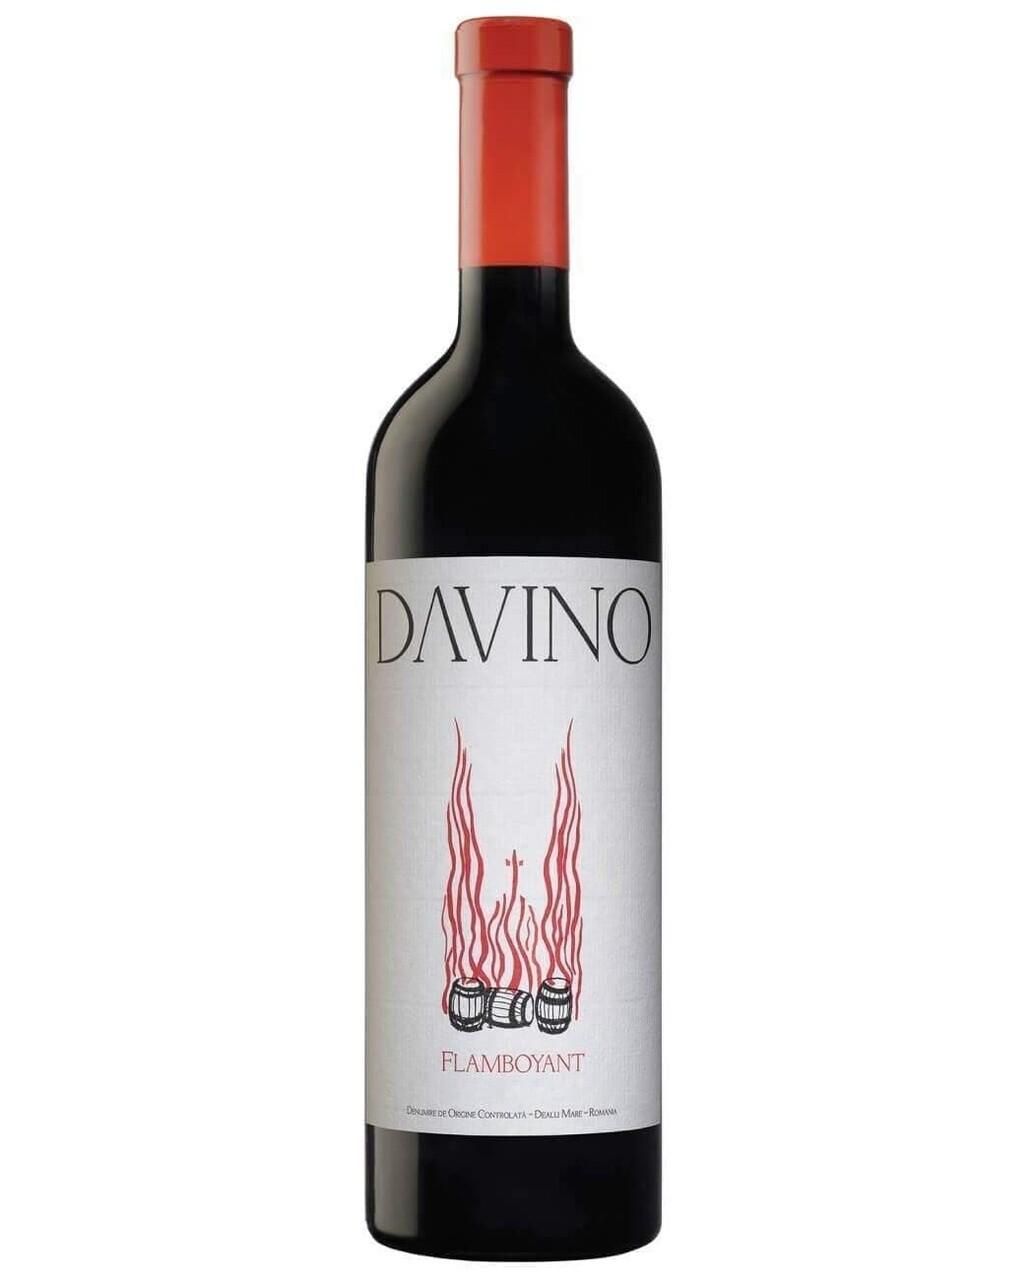 Davino Flamboyant 2016